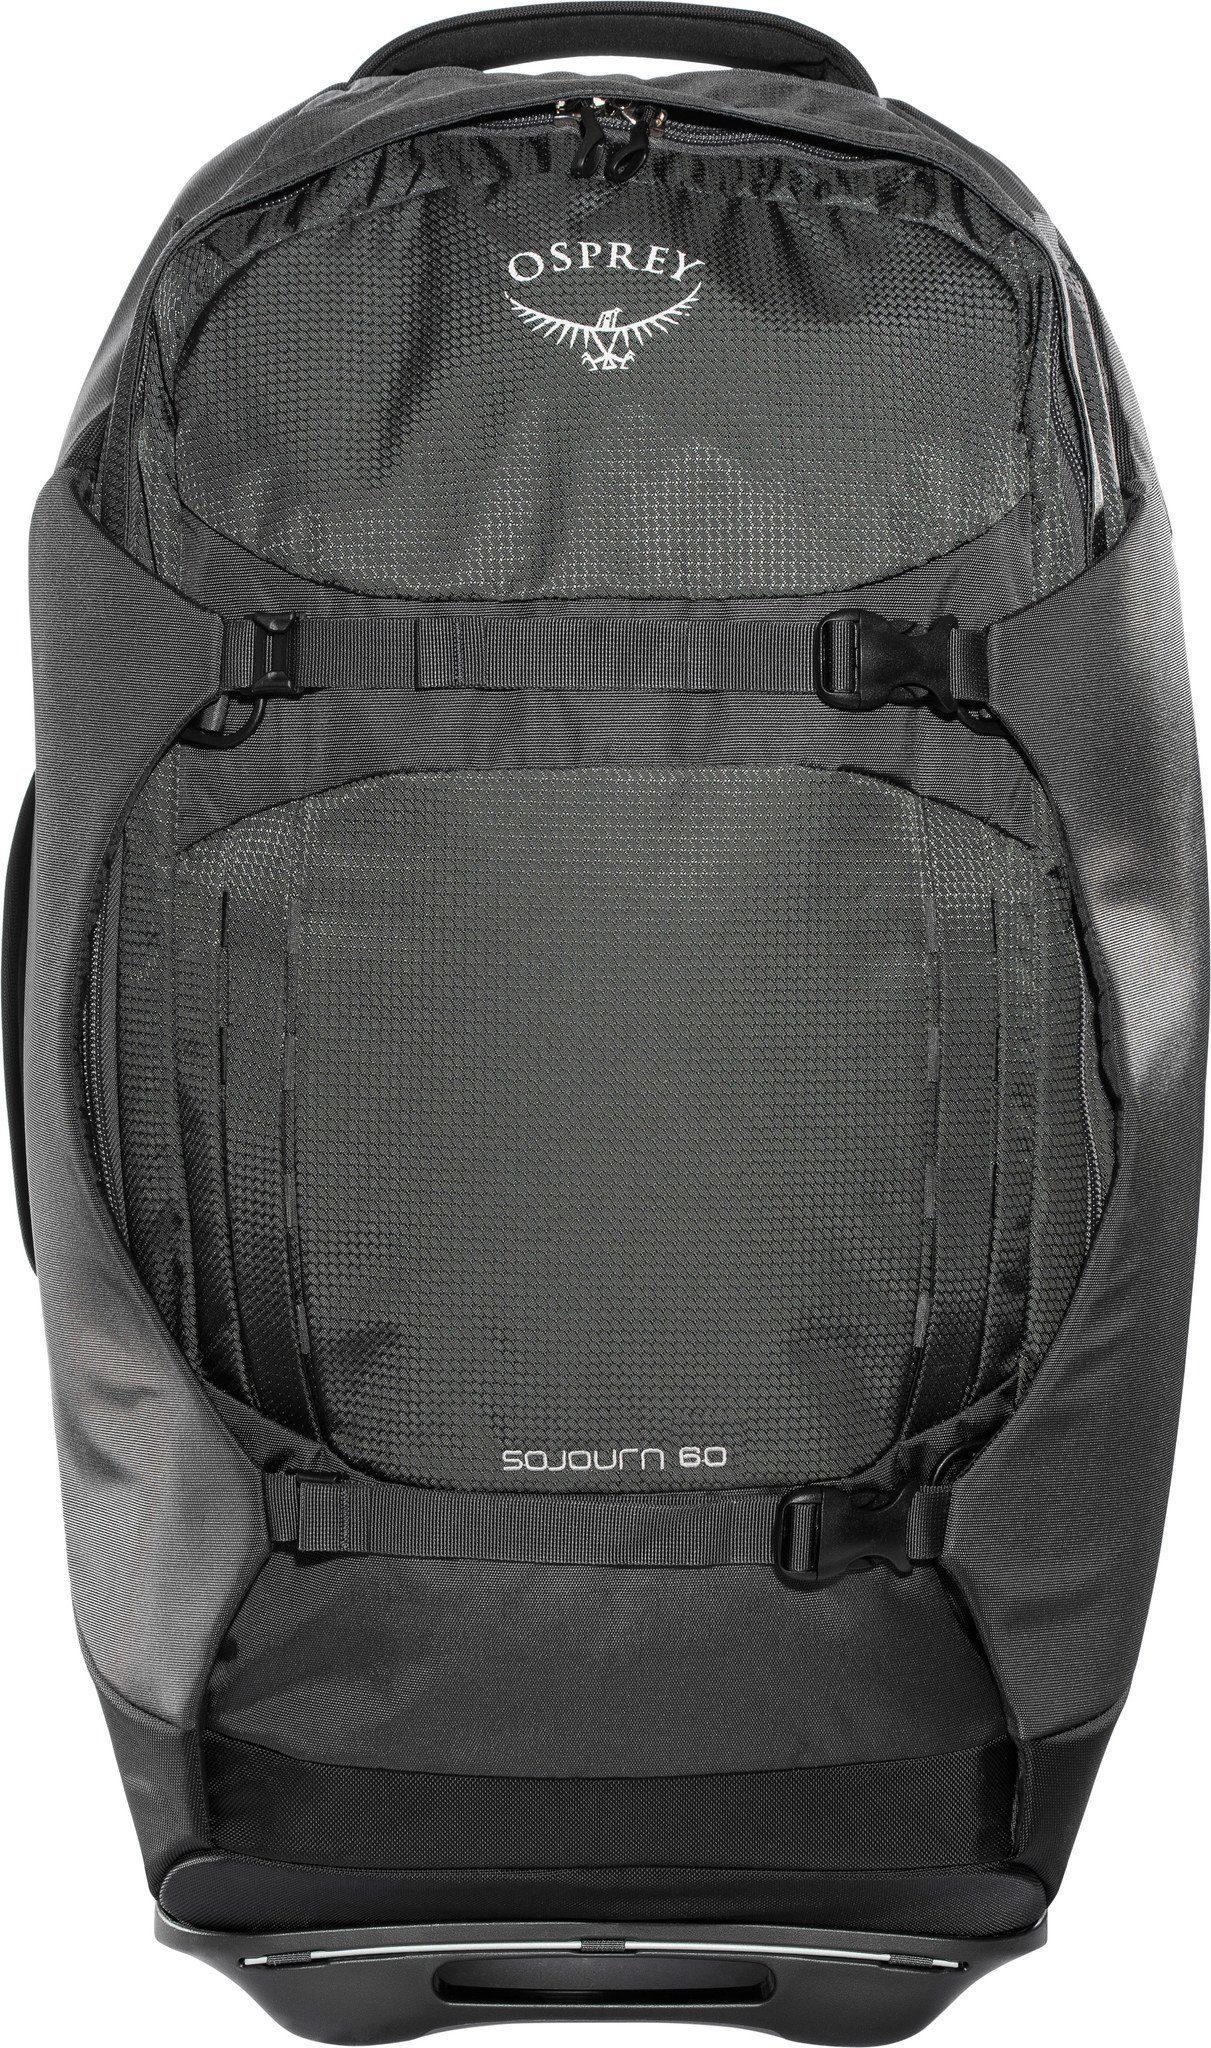 Osprey Sport- und Freizeittasche »Sojourn 60 Trolley«